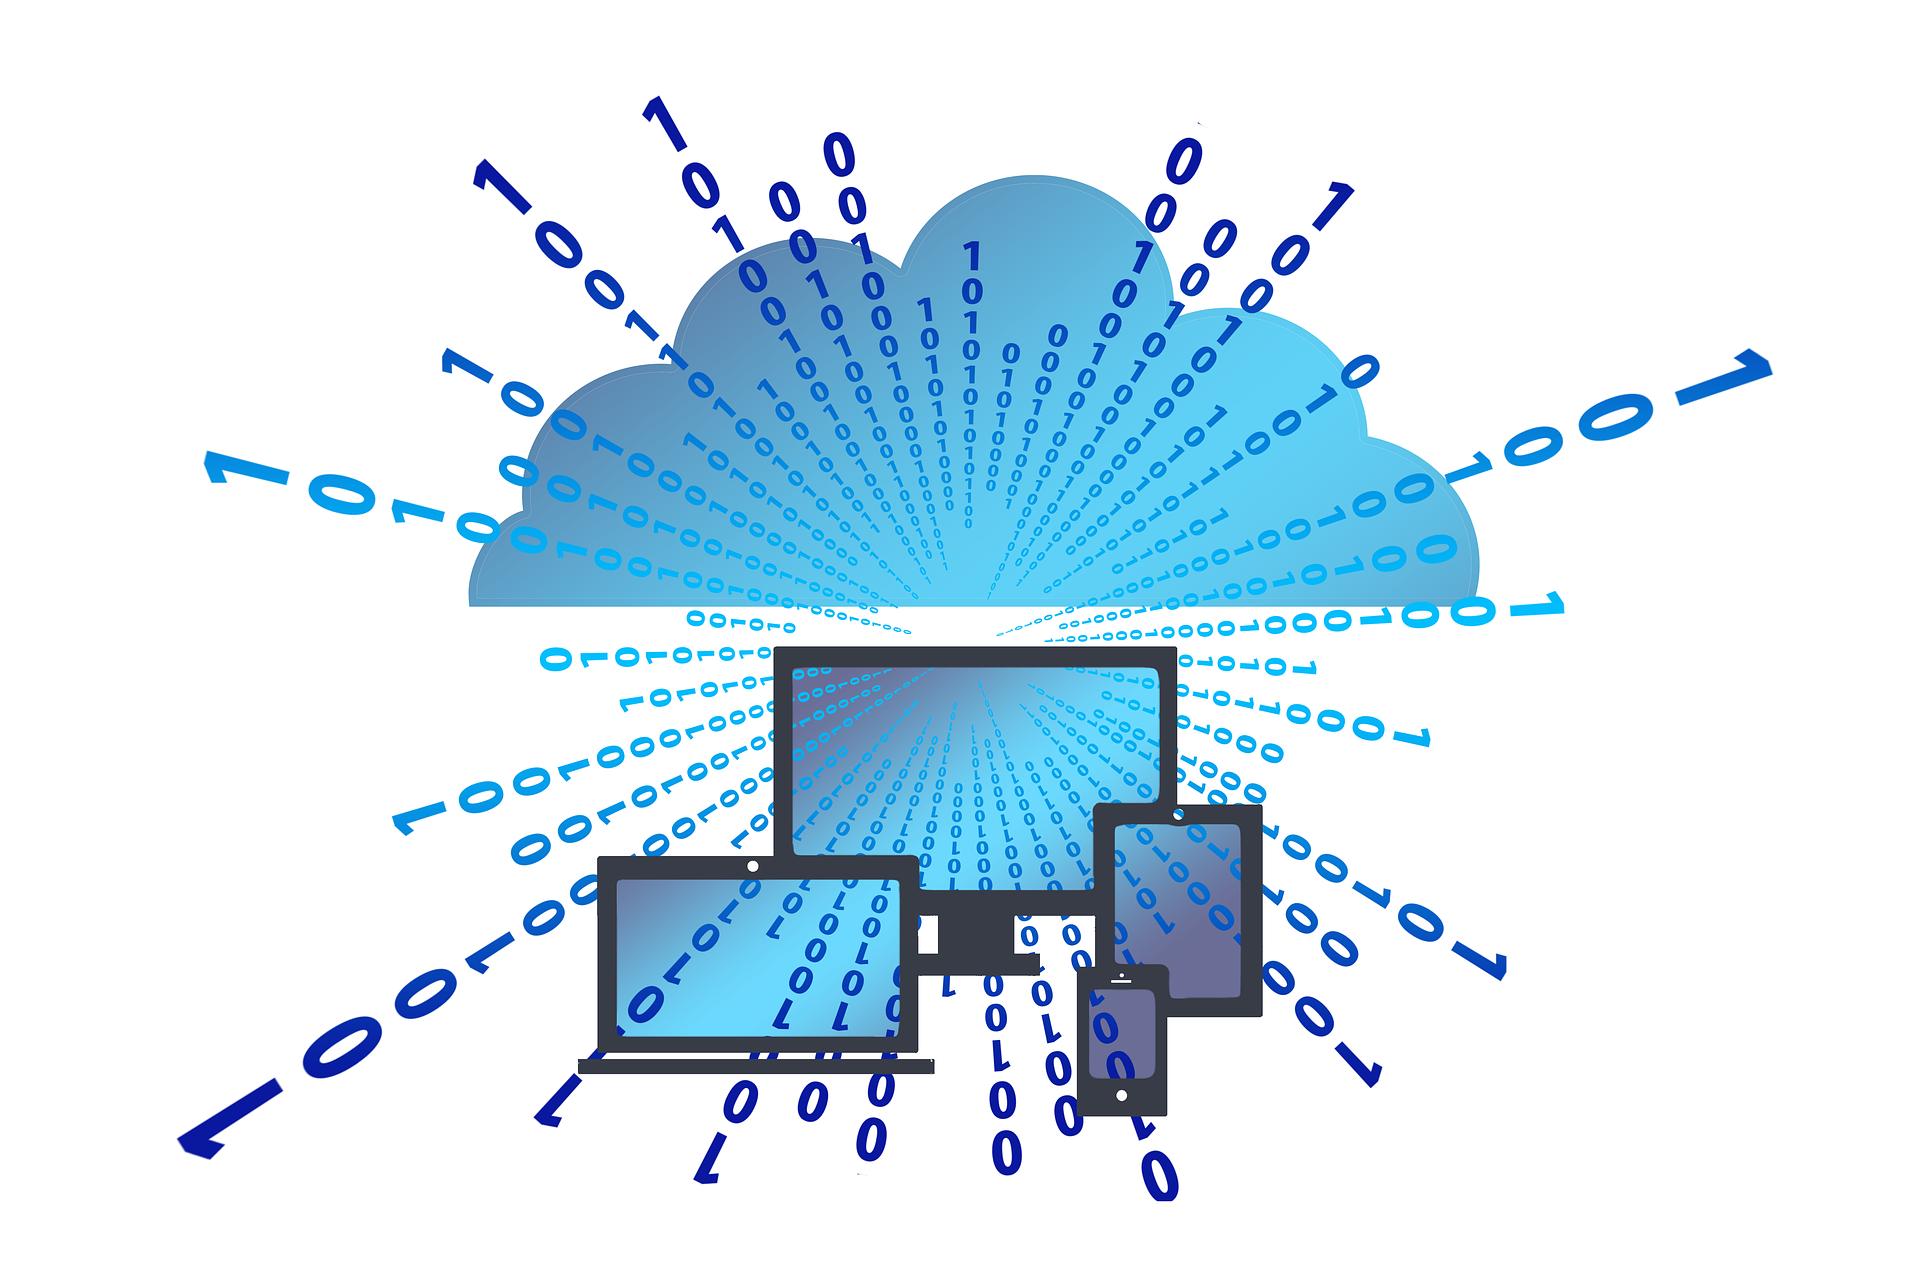 Toezichthouder: let bij thuiswerken op gratis chat- en clouddiensten